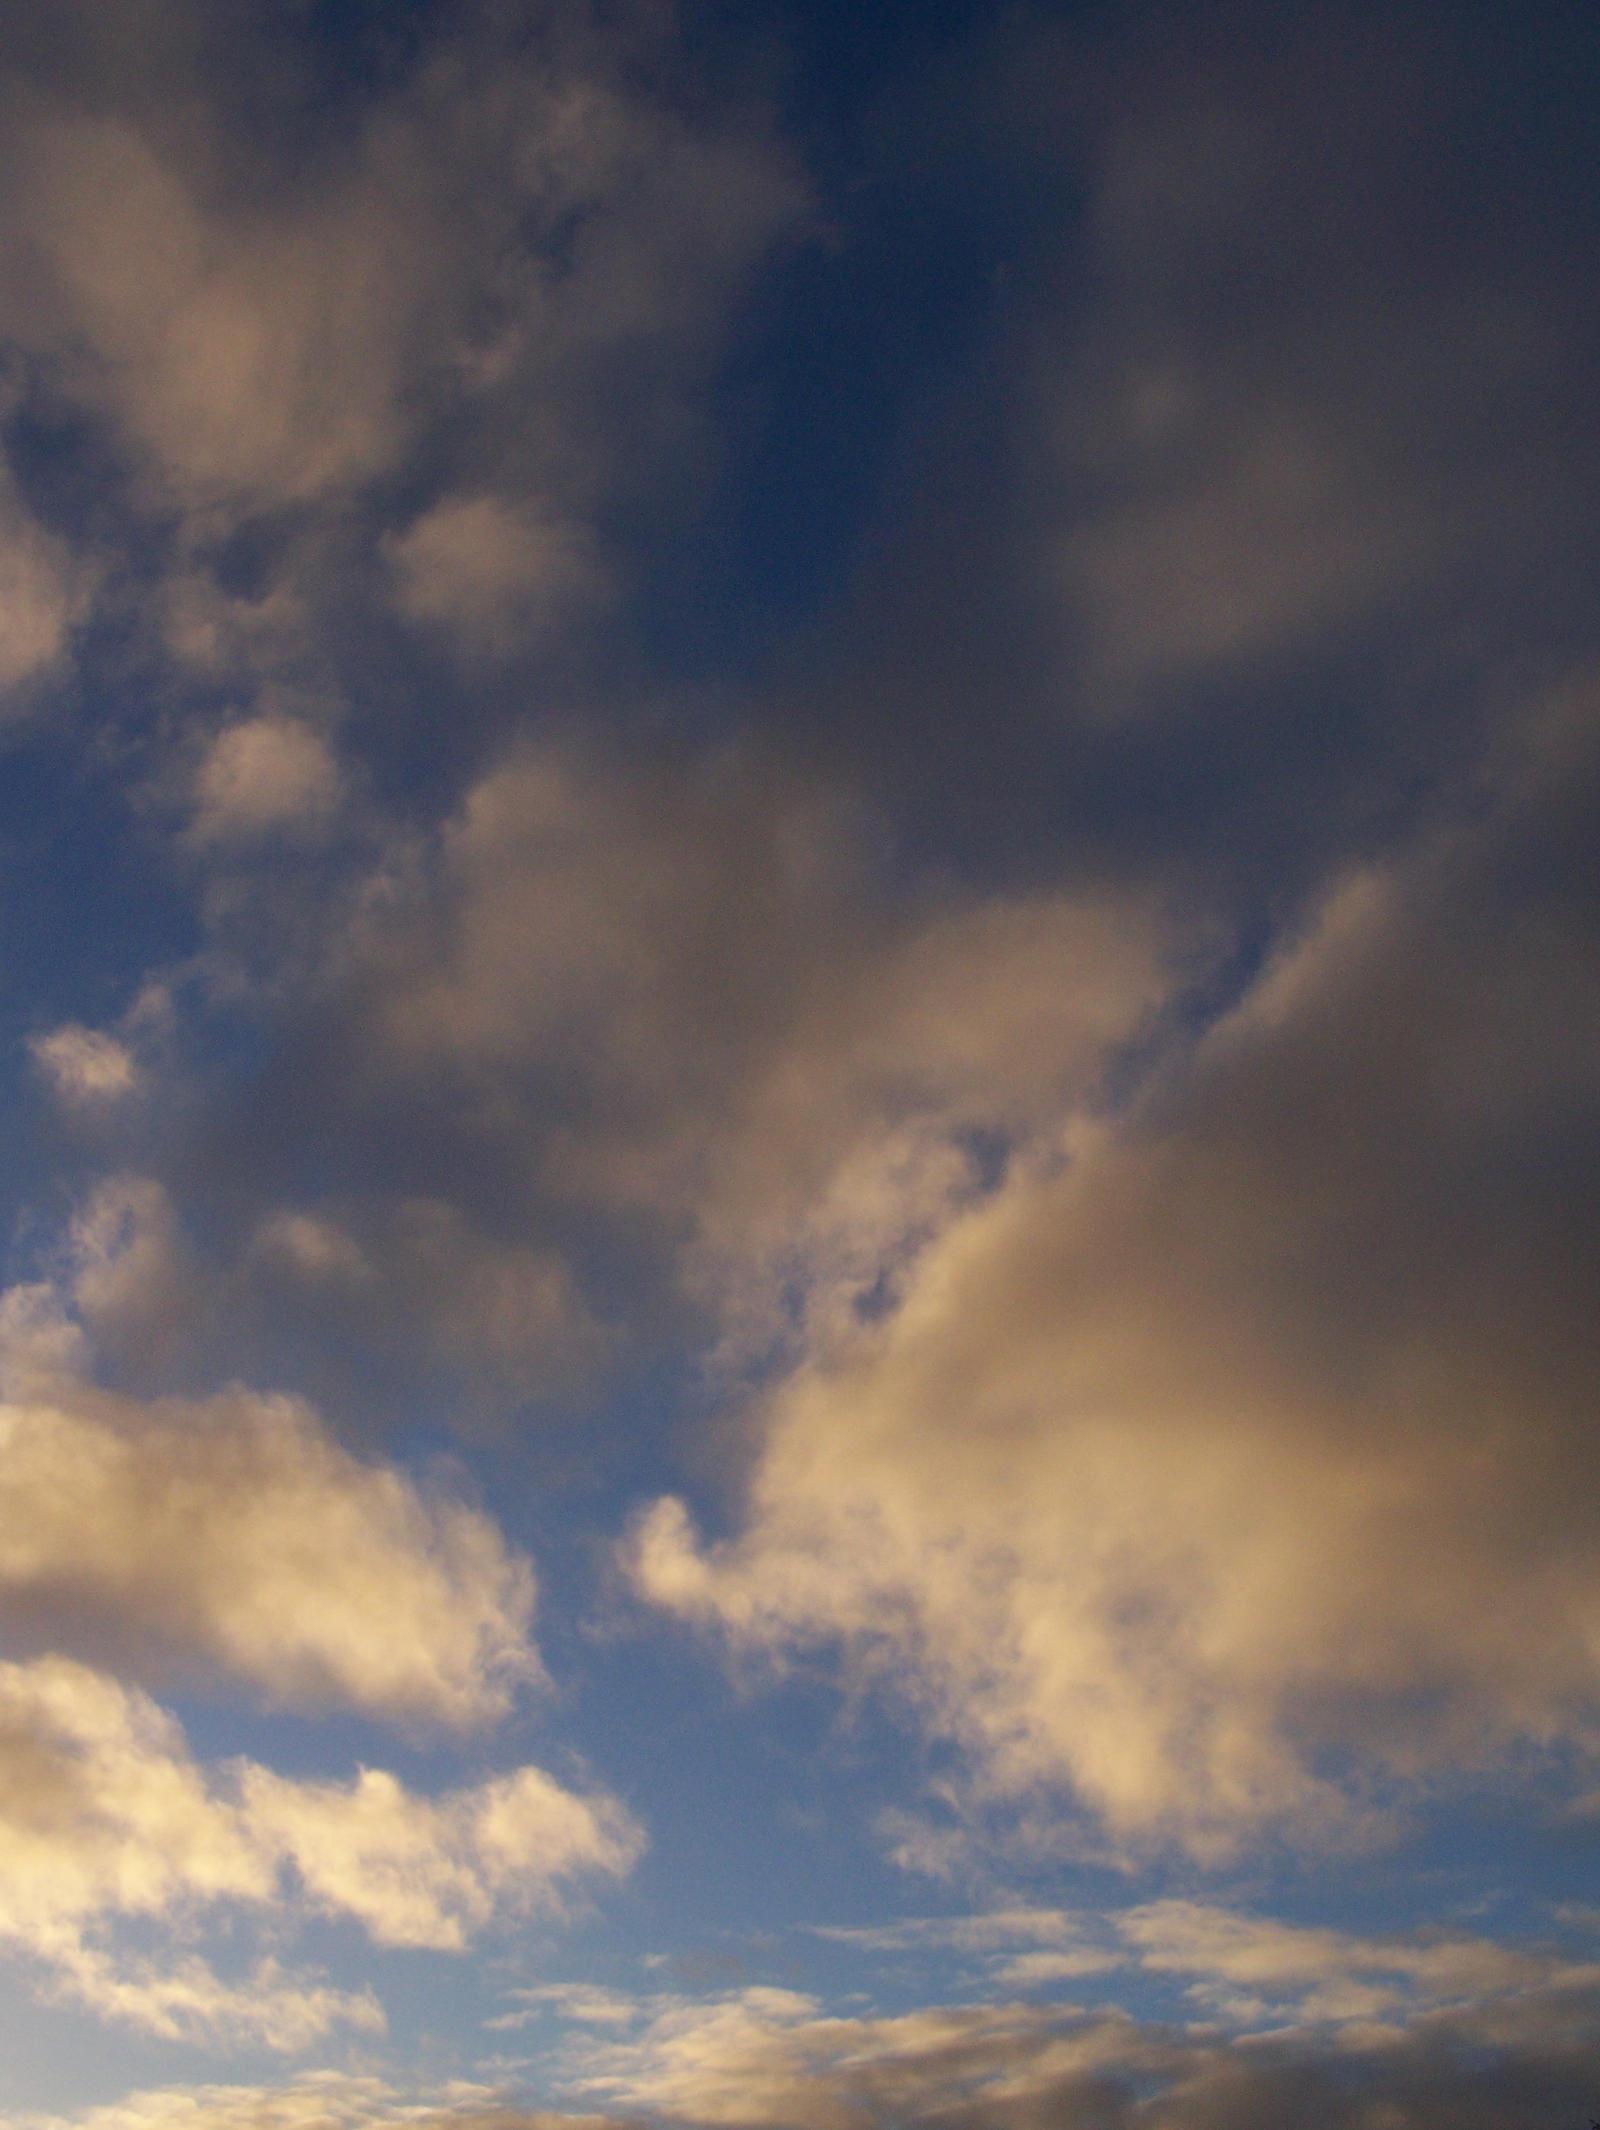 Sunrise Cloud Stock 1